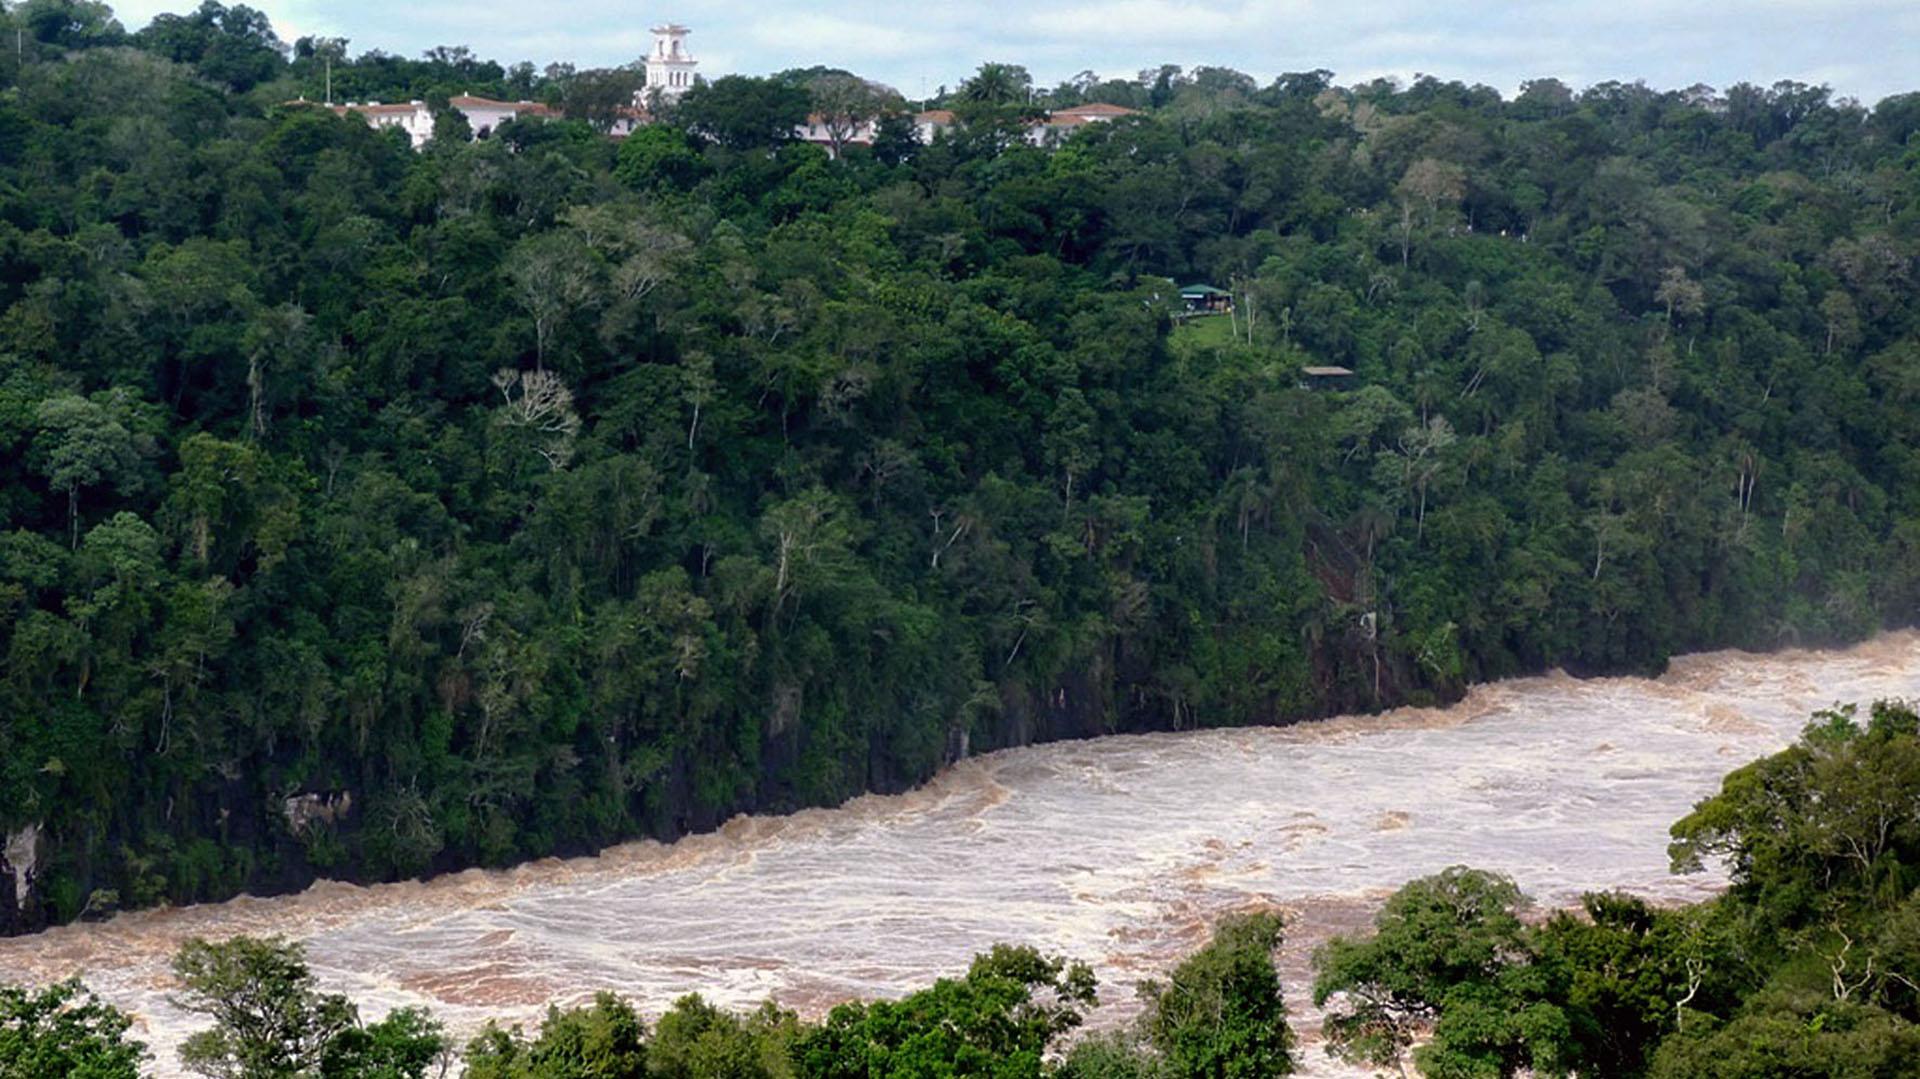 Valles, ríos, frondosa vegetación subtropical y hasta sierras que llegan a los 800 metros de altura, dan forma a un bosque lluvioso y húmedo que ocupa más de un 35% del territorio misionero